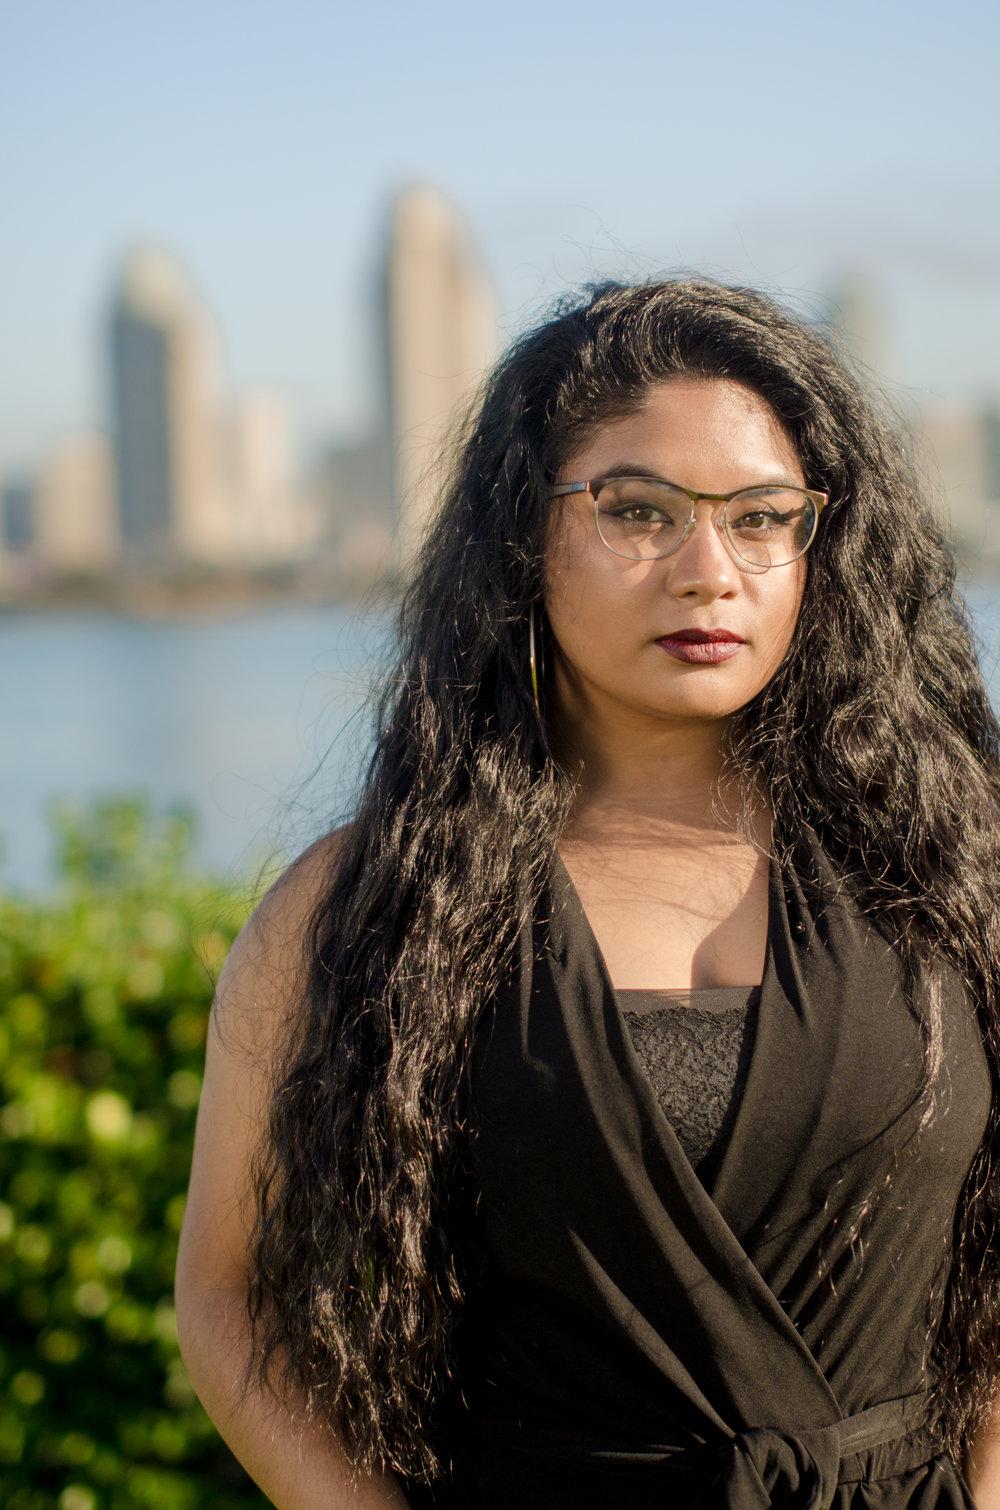 Danielle Cerdena (#20-4), Alto